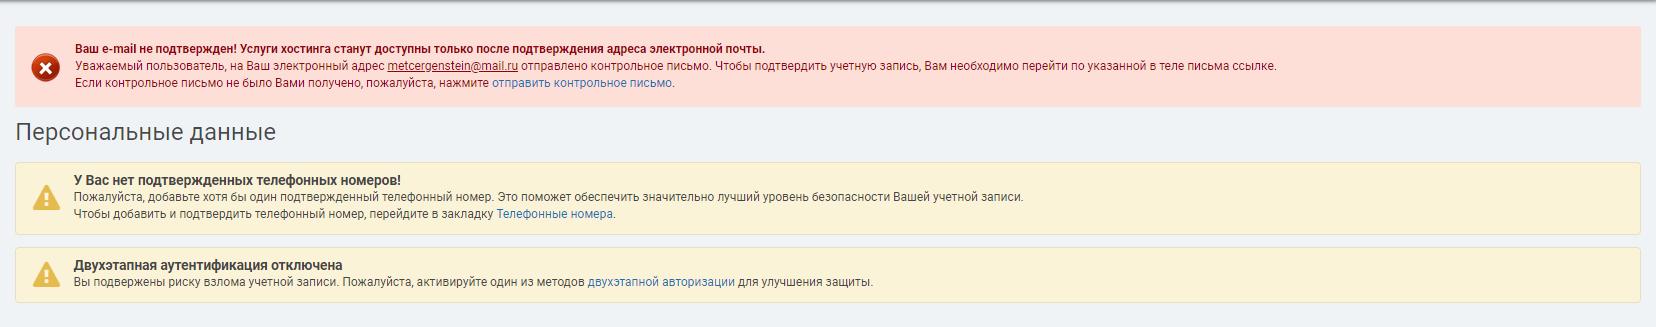 Хостинг Украина подтвердить e-mail